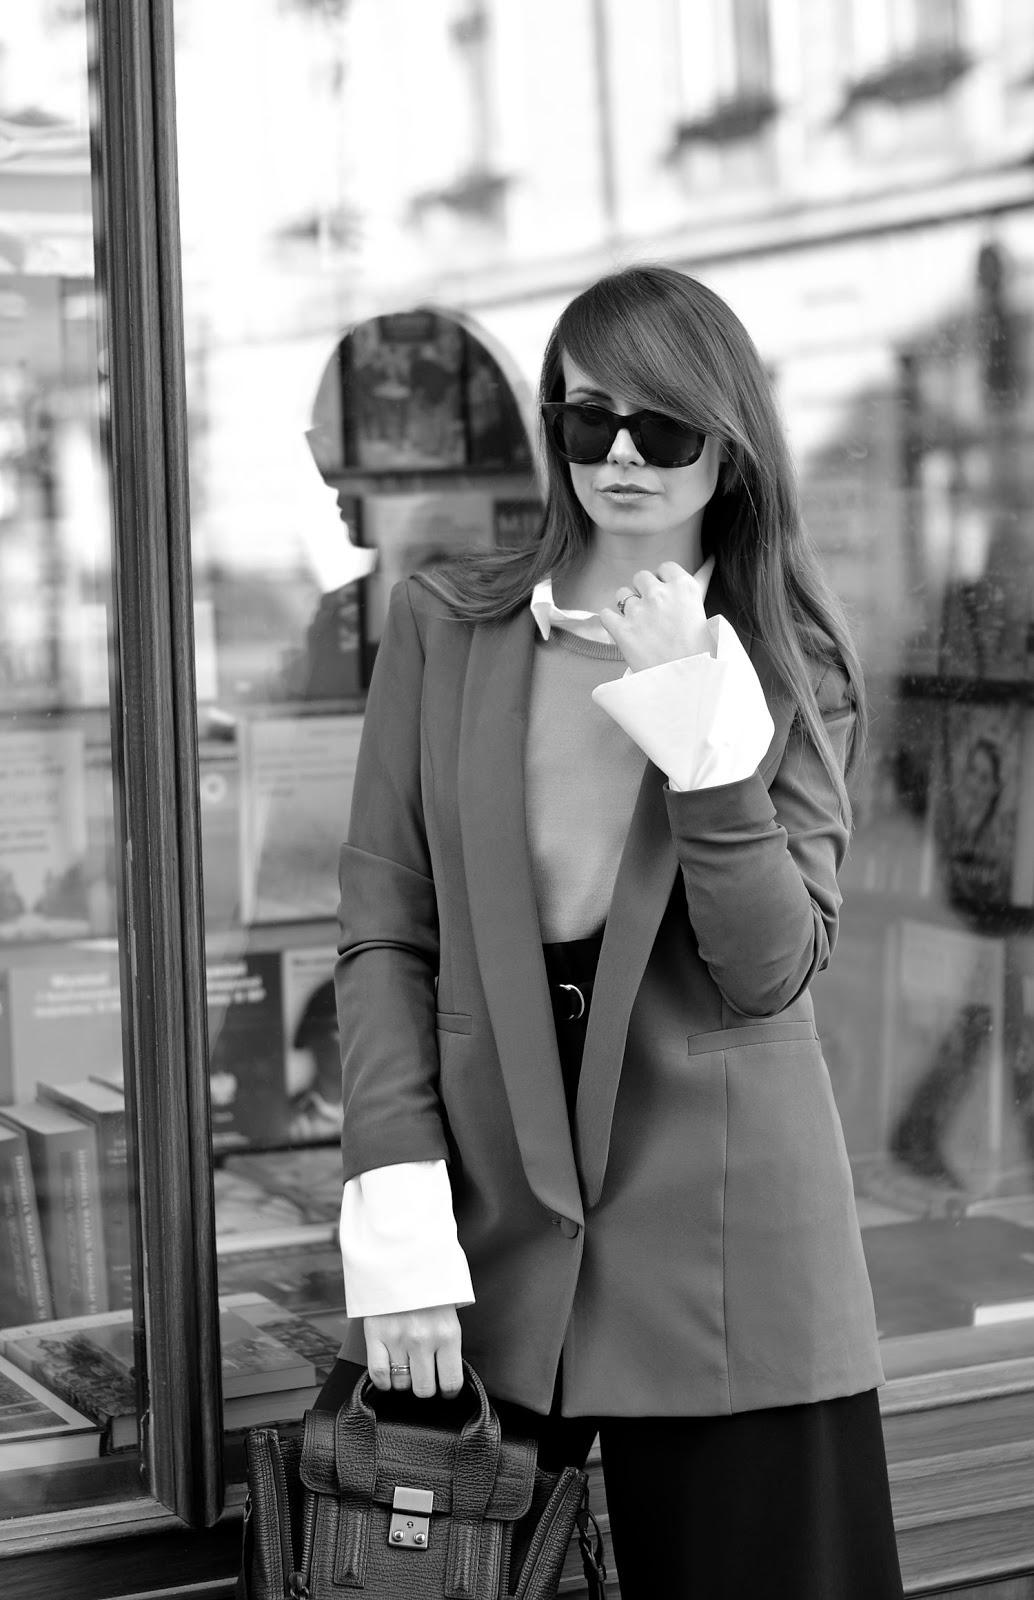 szerokie spodnie | odwaga | czy warto byc odwaznym | blogi o modzie | blogerka